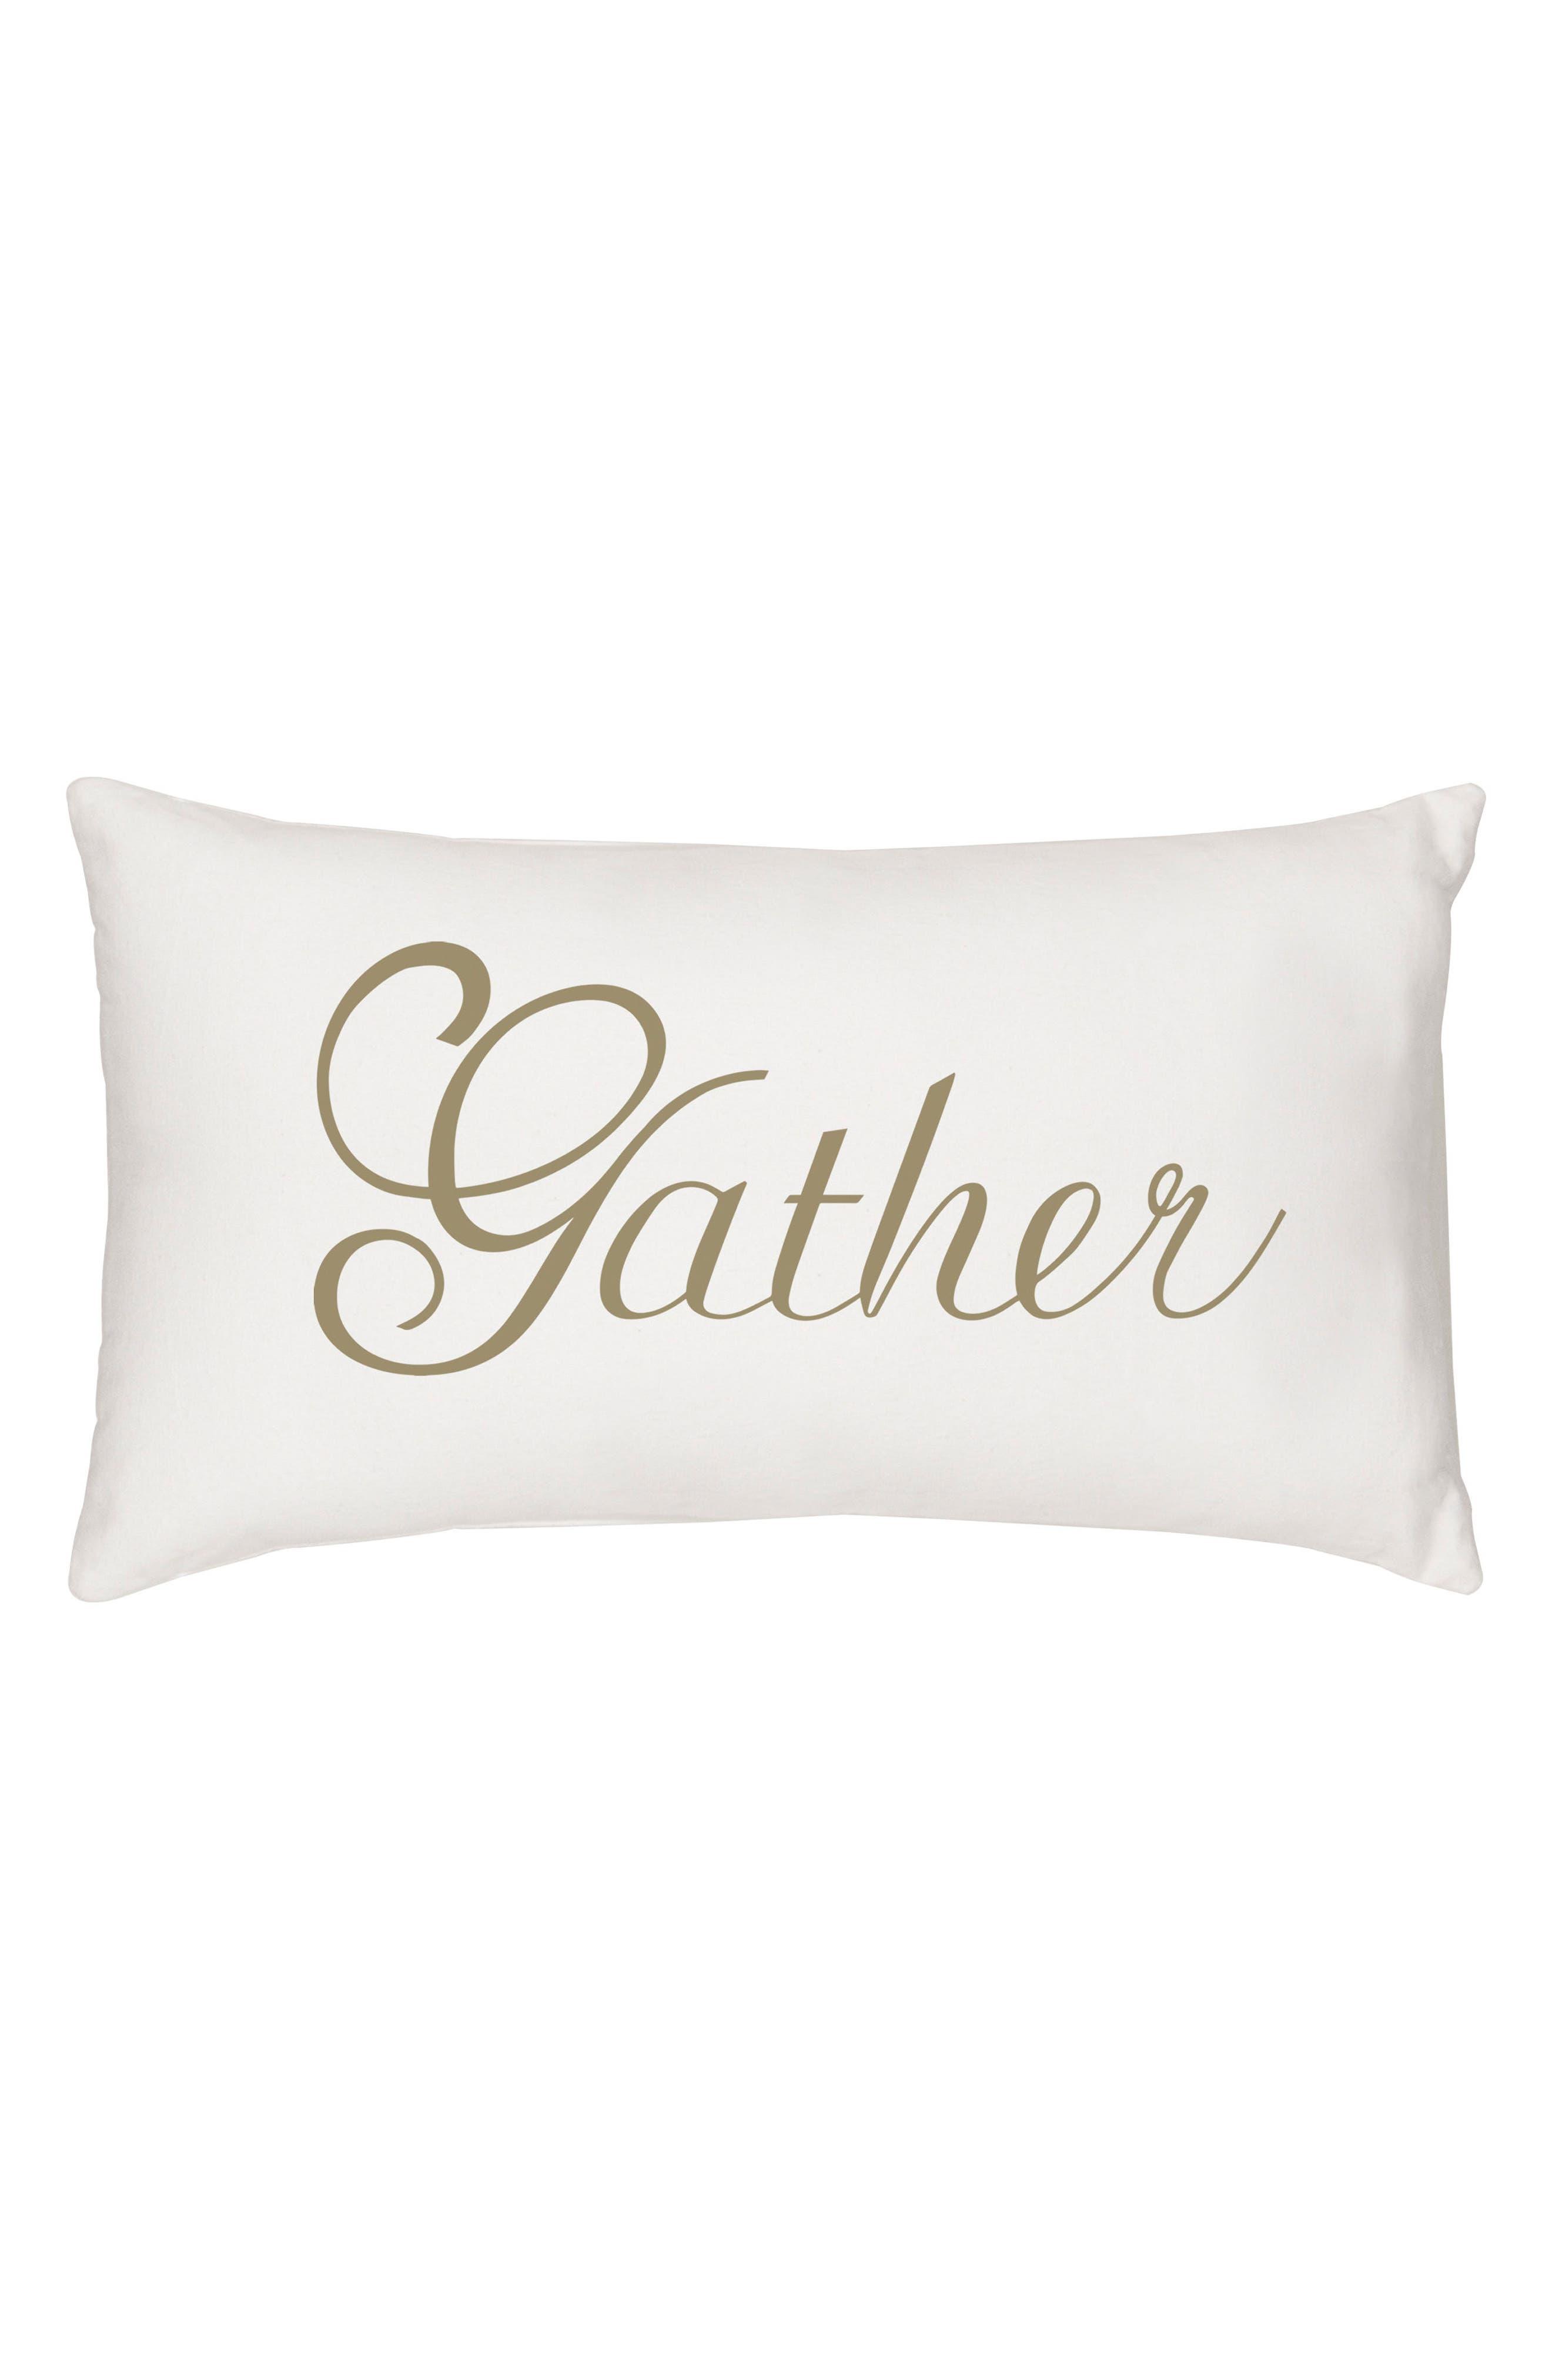 Gather Lumbar Accent Pillow,                         Main,                         color, Gold